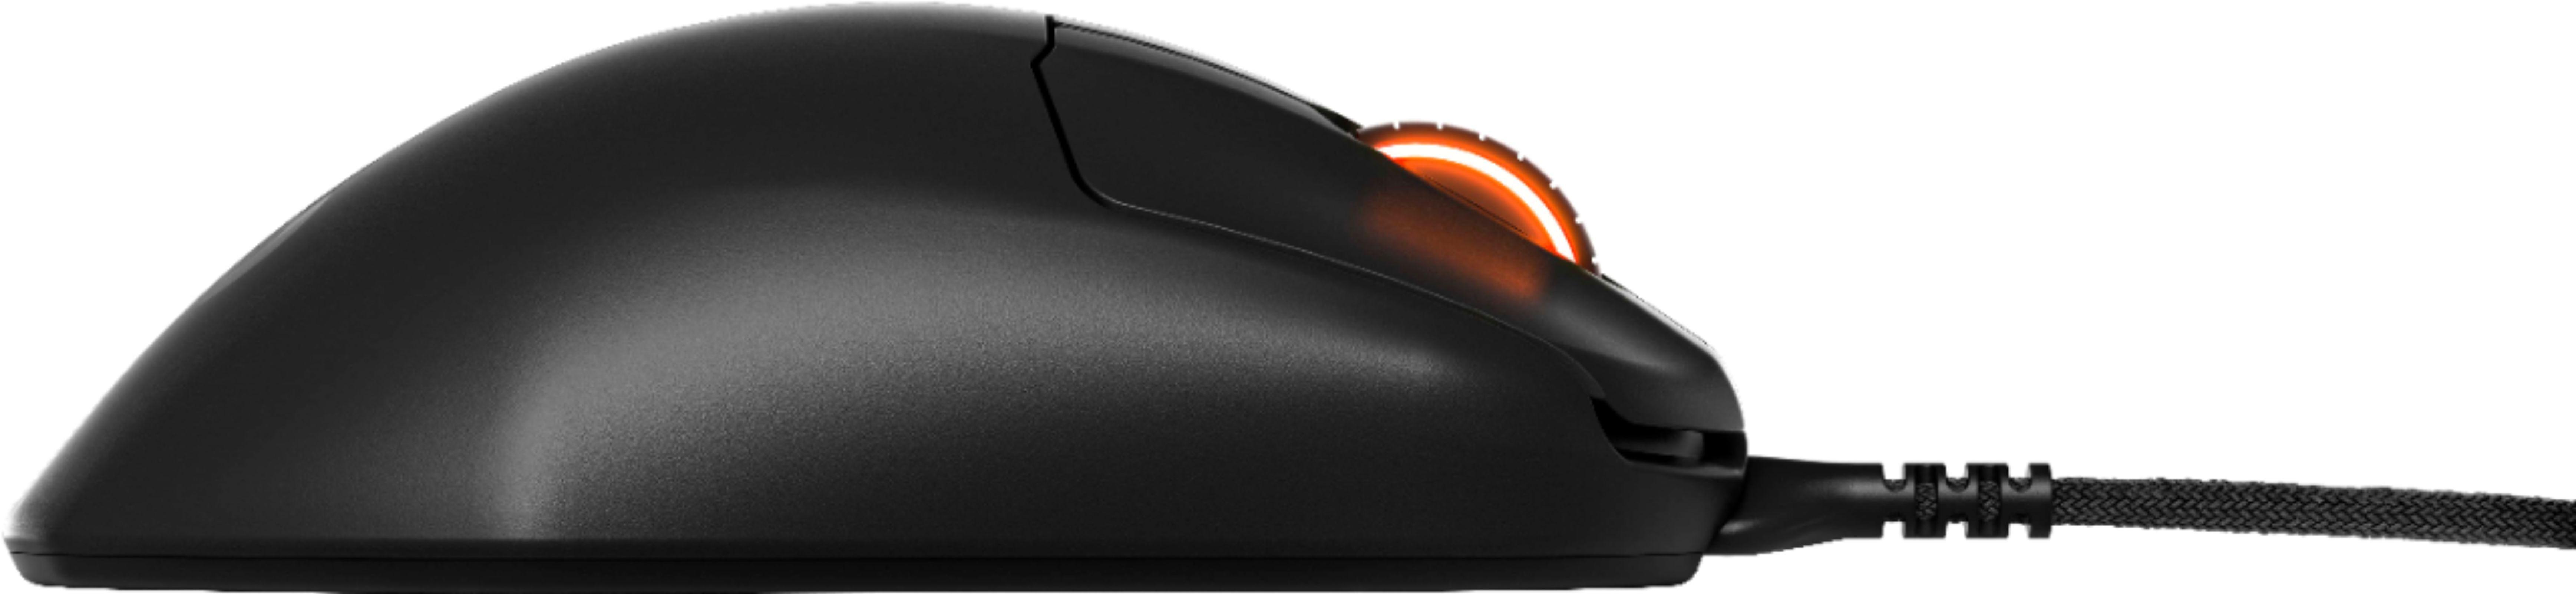 SteelSeries Prime juoda laidinė optinė-magnetinė pelė   18000 CPI